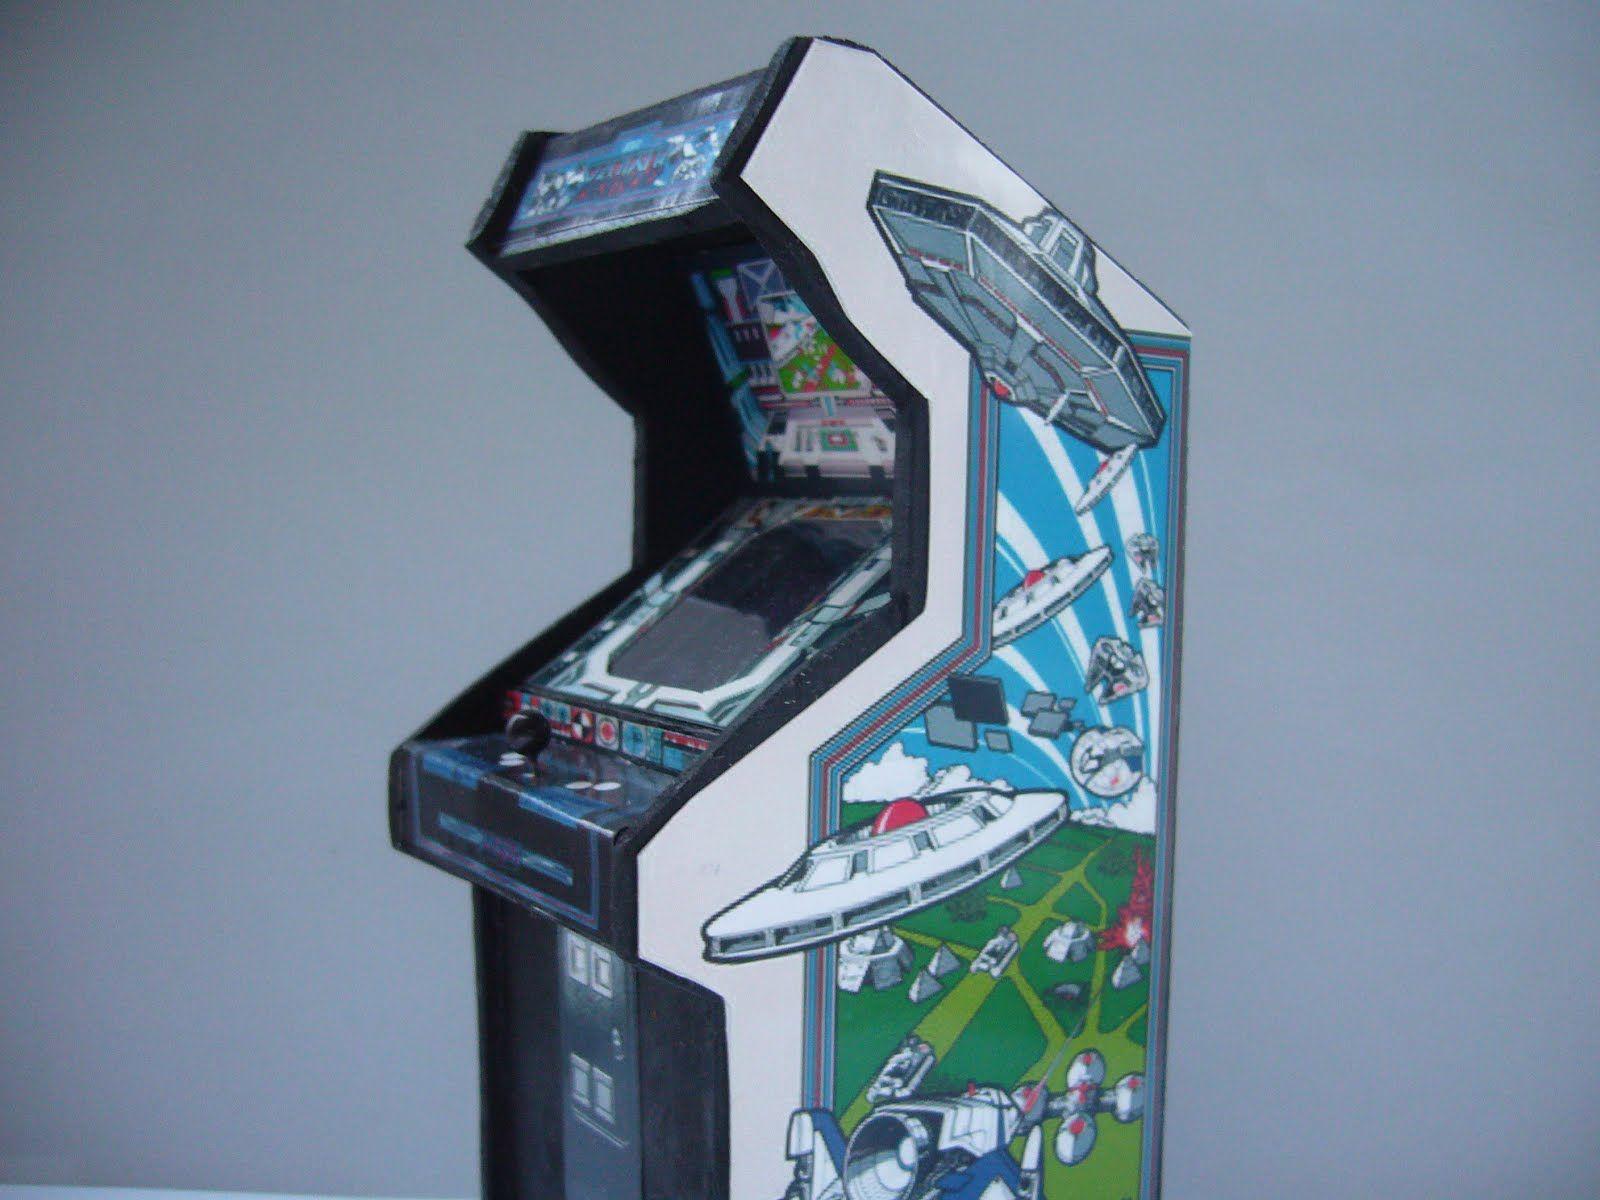 Xevious | Arcade cabinets | Arcade games, Arcade, Games on